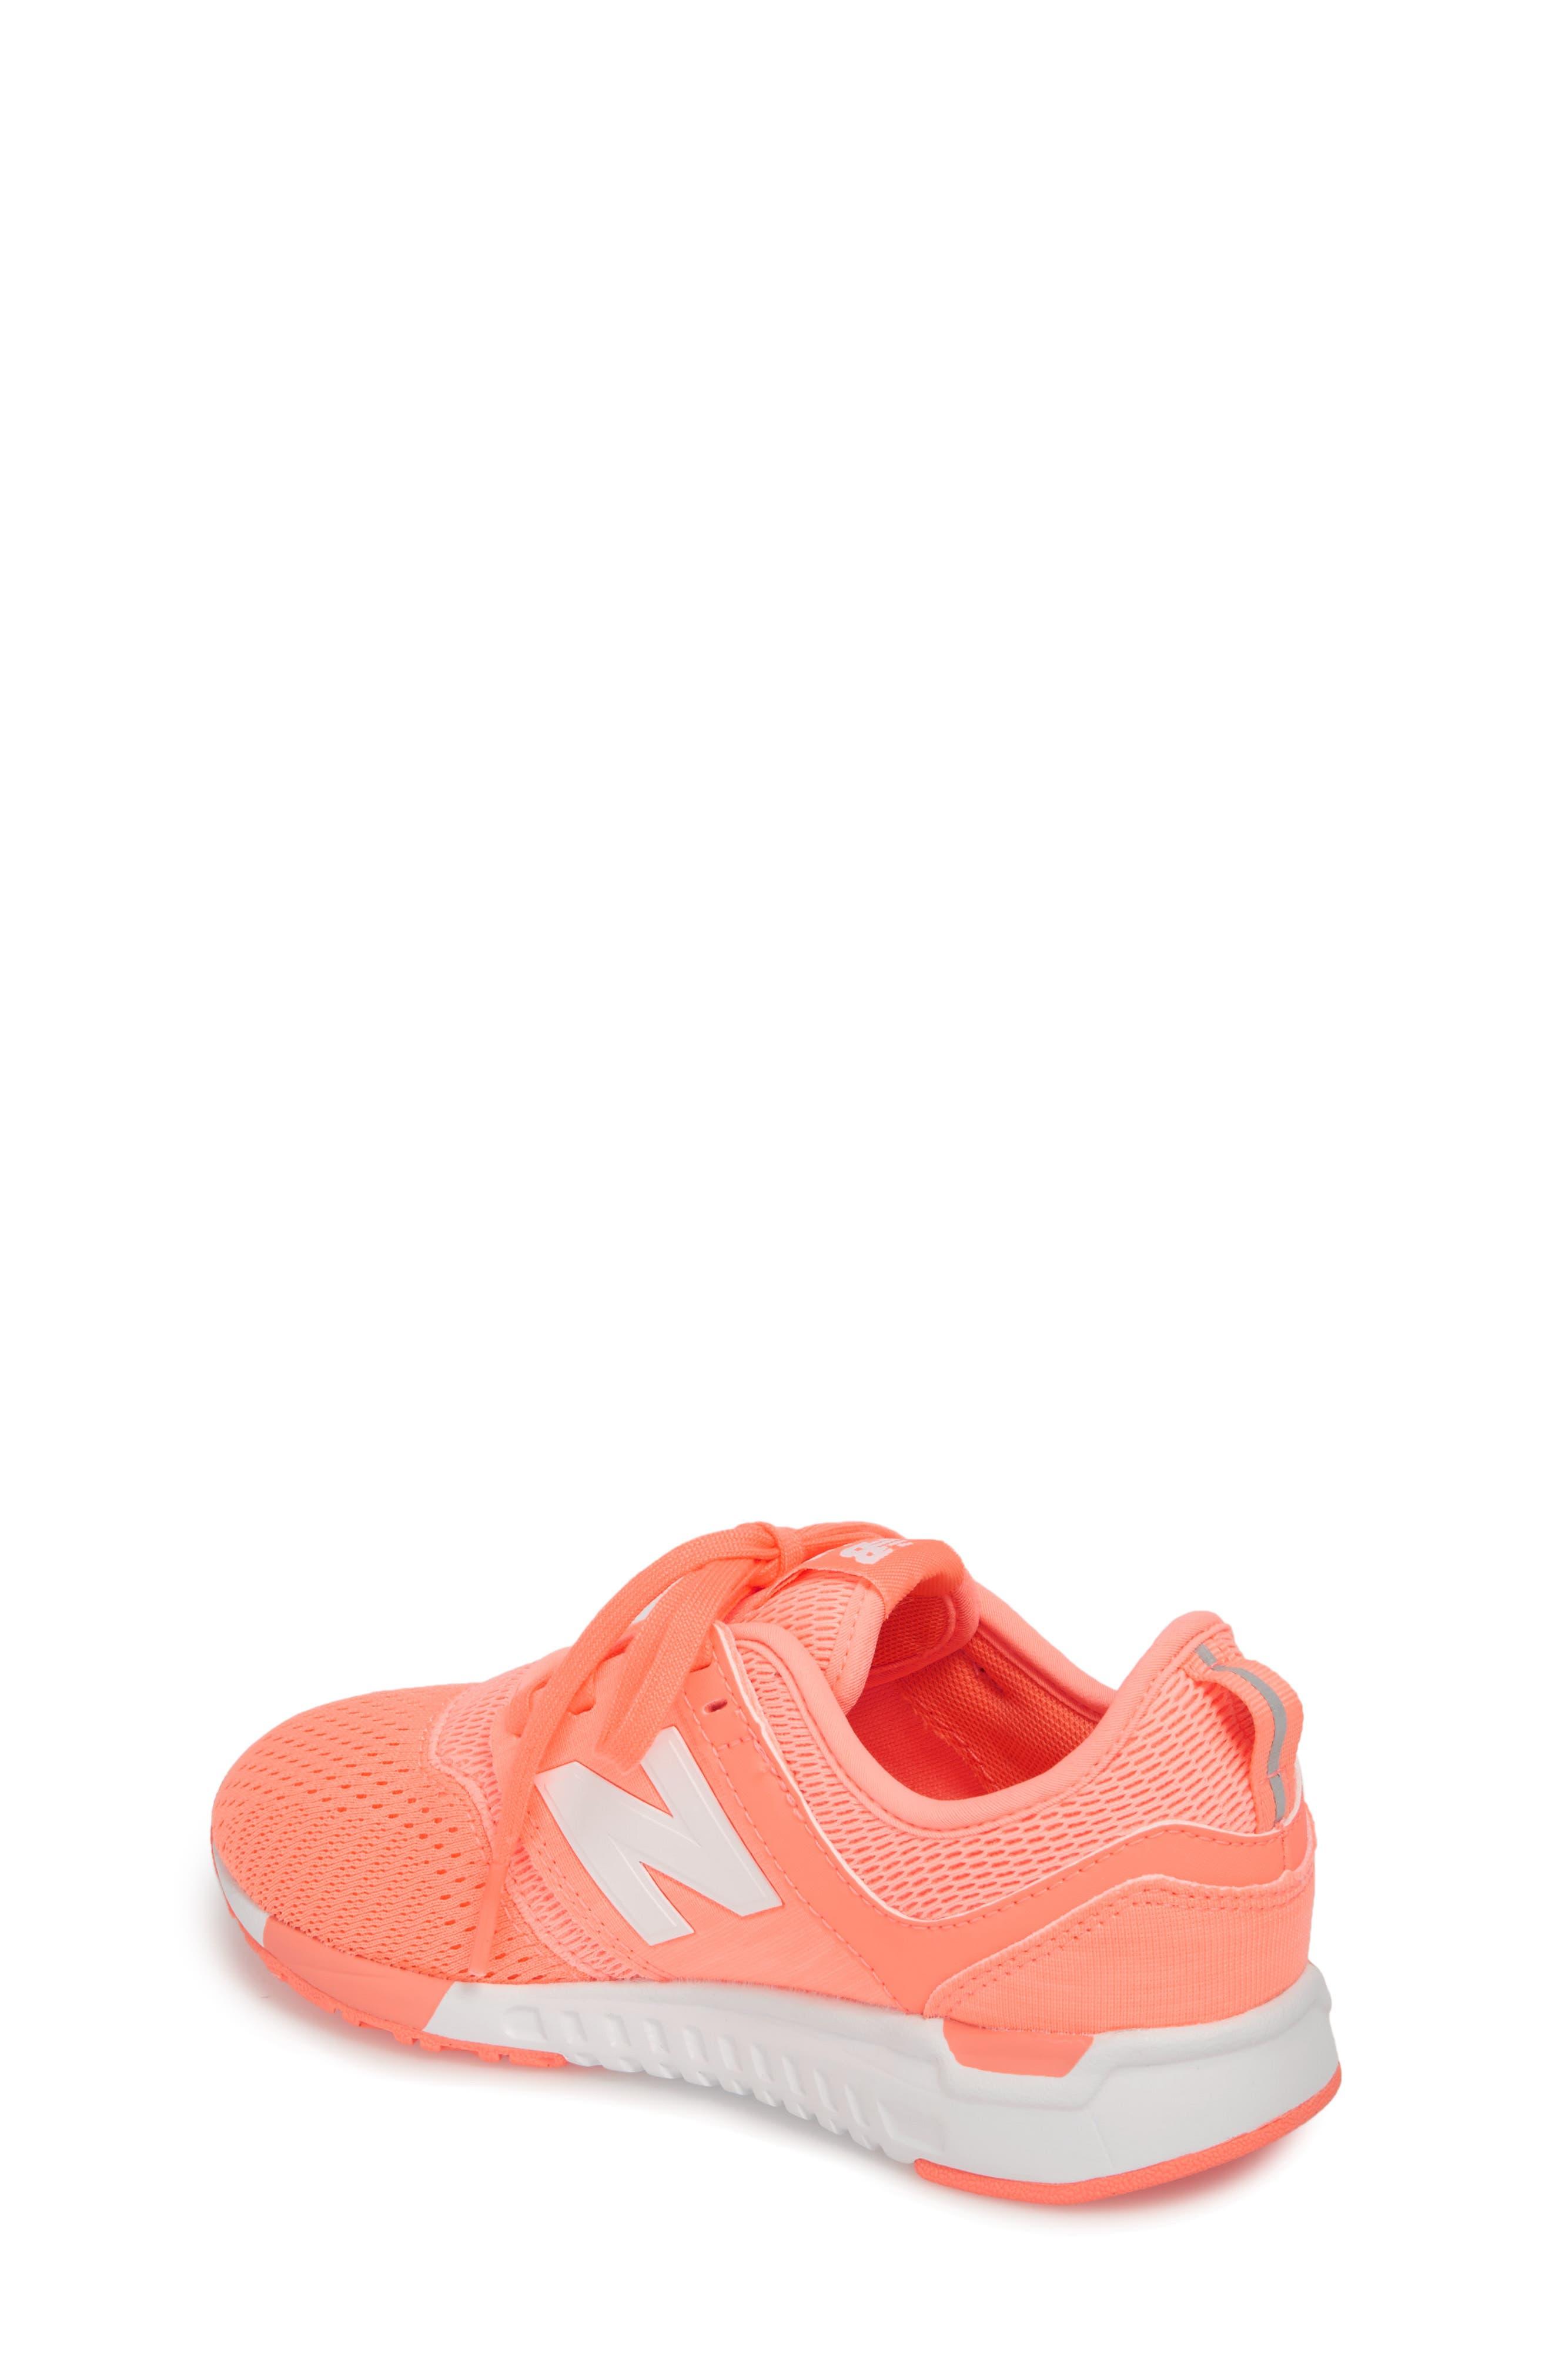 247 Sport Sneaker,                             Alternate thumbnail 2, color,                             653